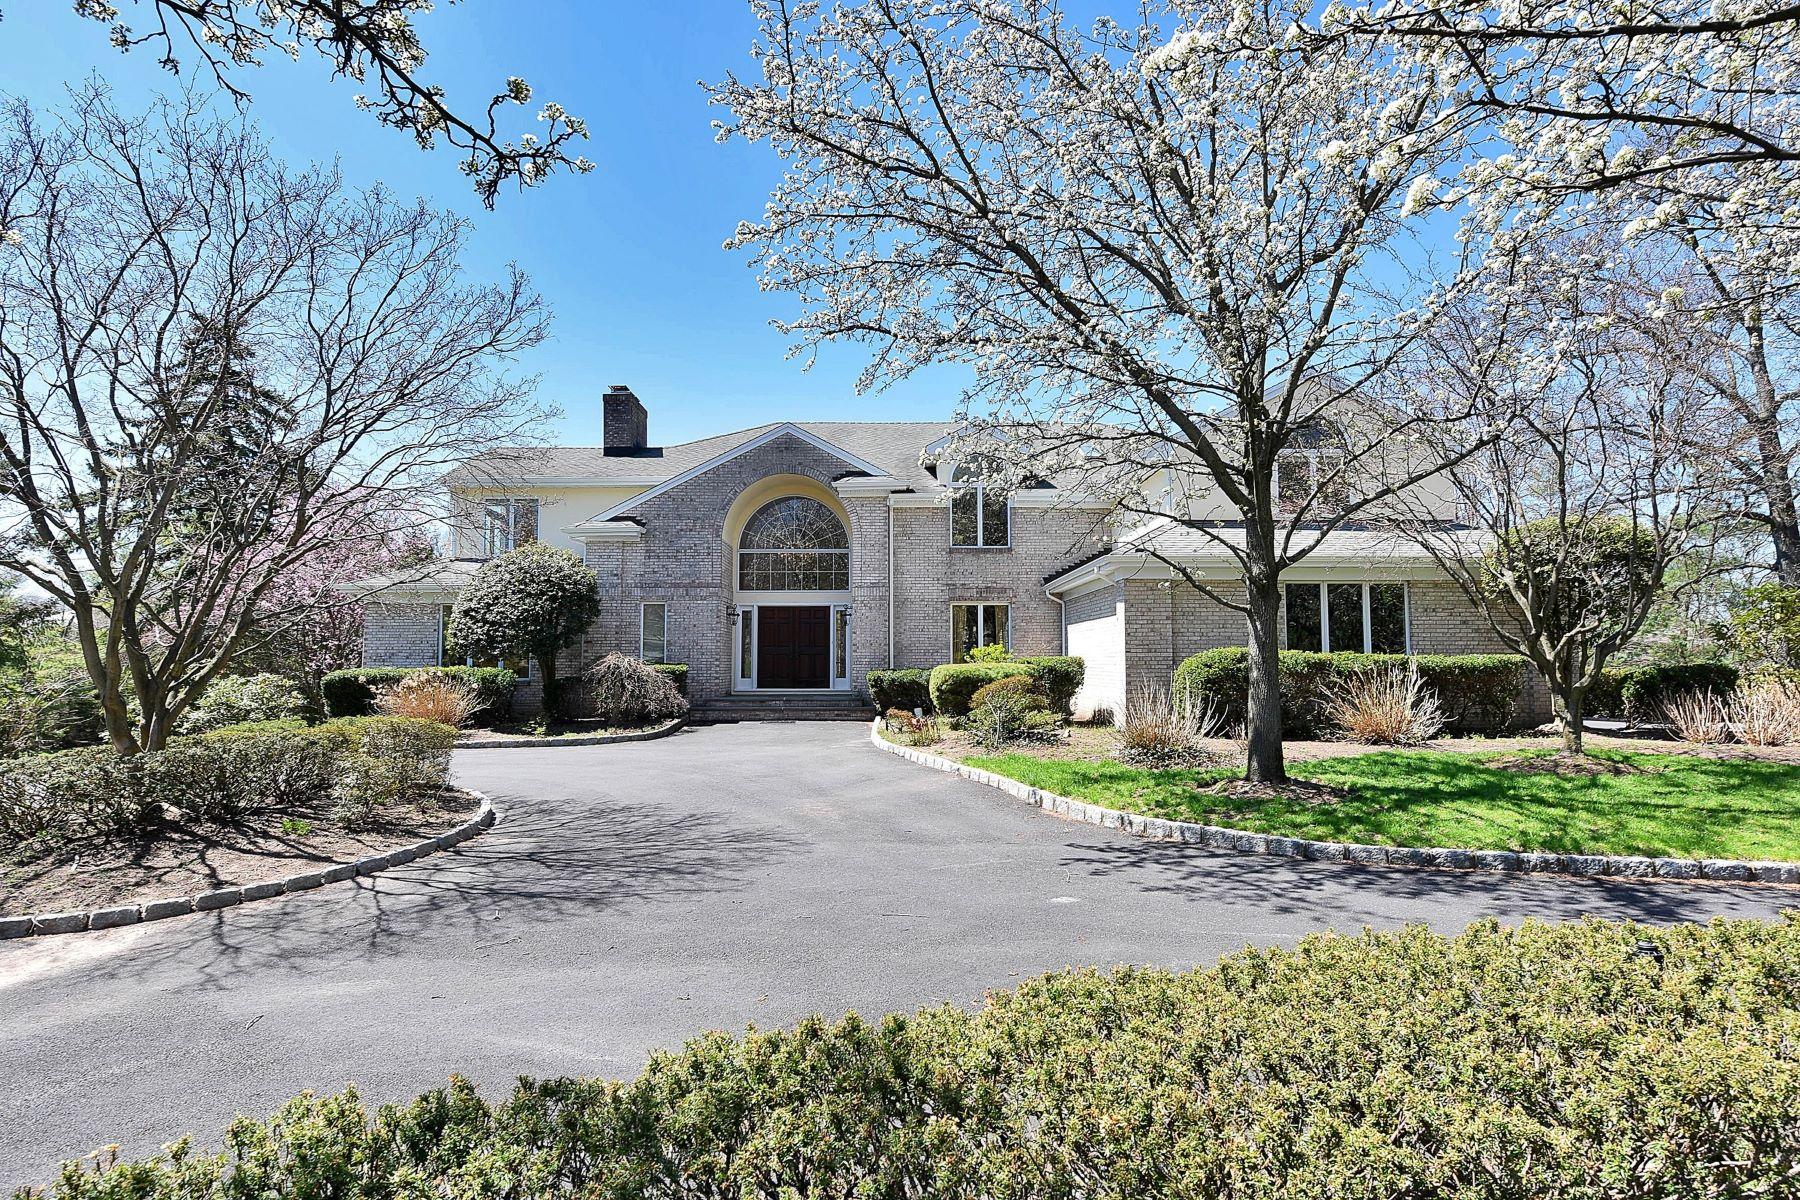 Casa Unifamiliar por un Venta en Exclusive Tammybrook Hills 2 N Pond Rd, Cresskill, Nueva Jersey 07626 Estados Unidos